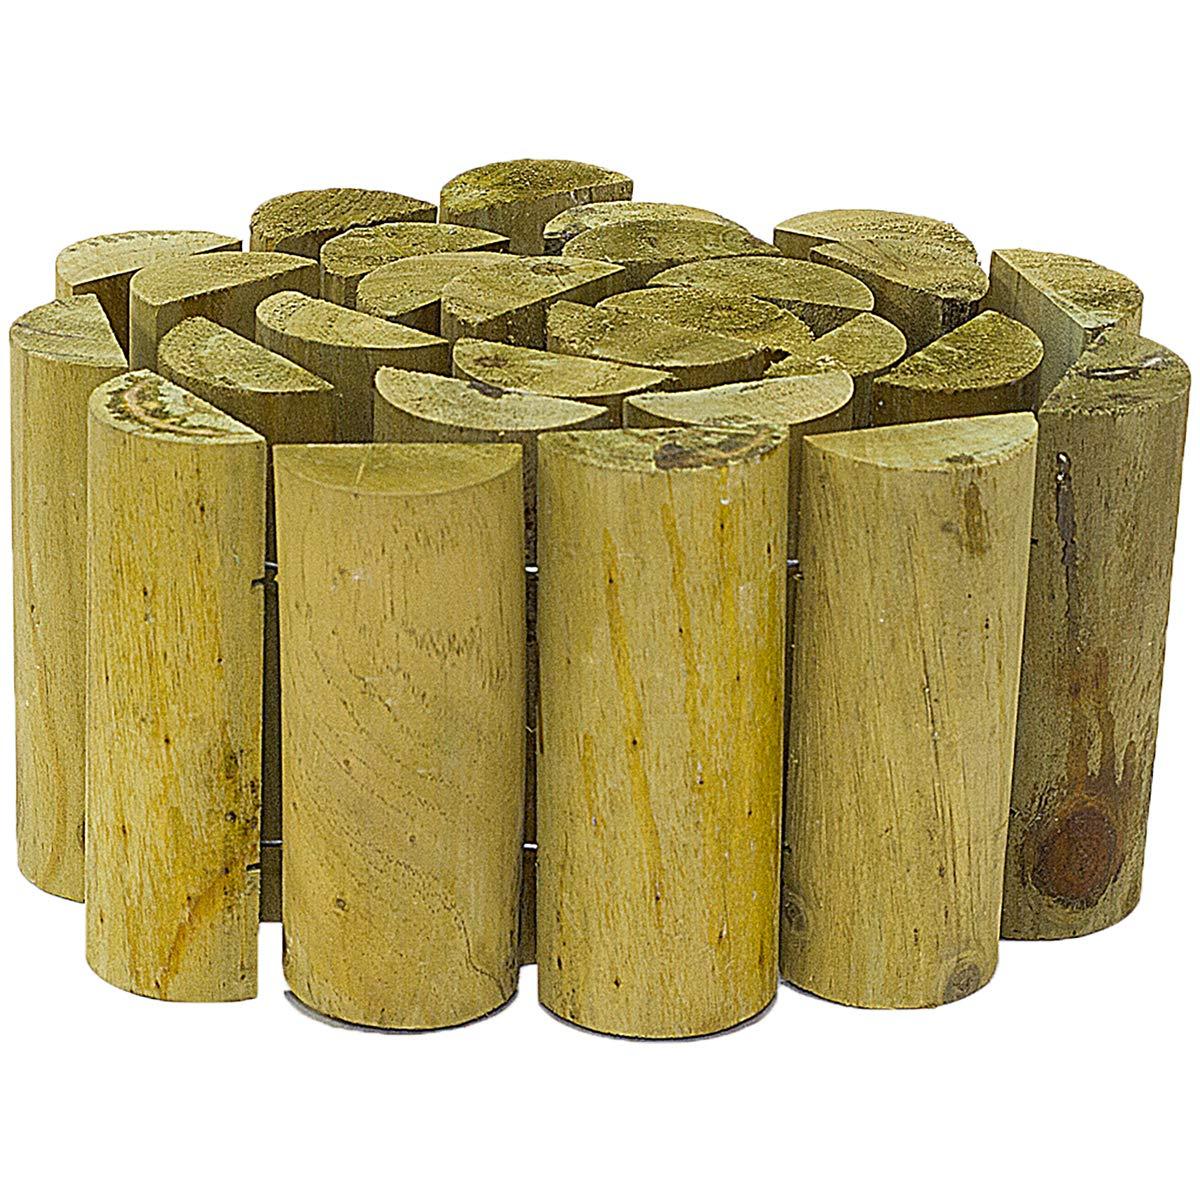 4x 15cm x 180cm Garden Log Roll Border Edging Outdoor Lawn Edge Flexible Wooden Marko